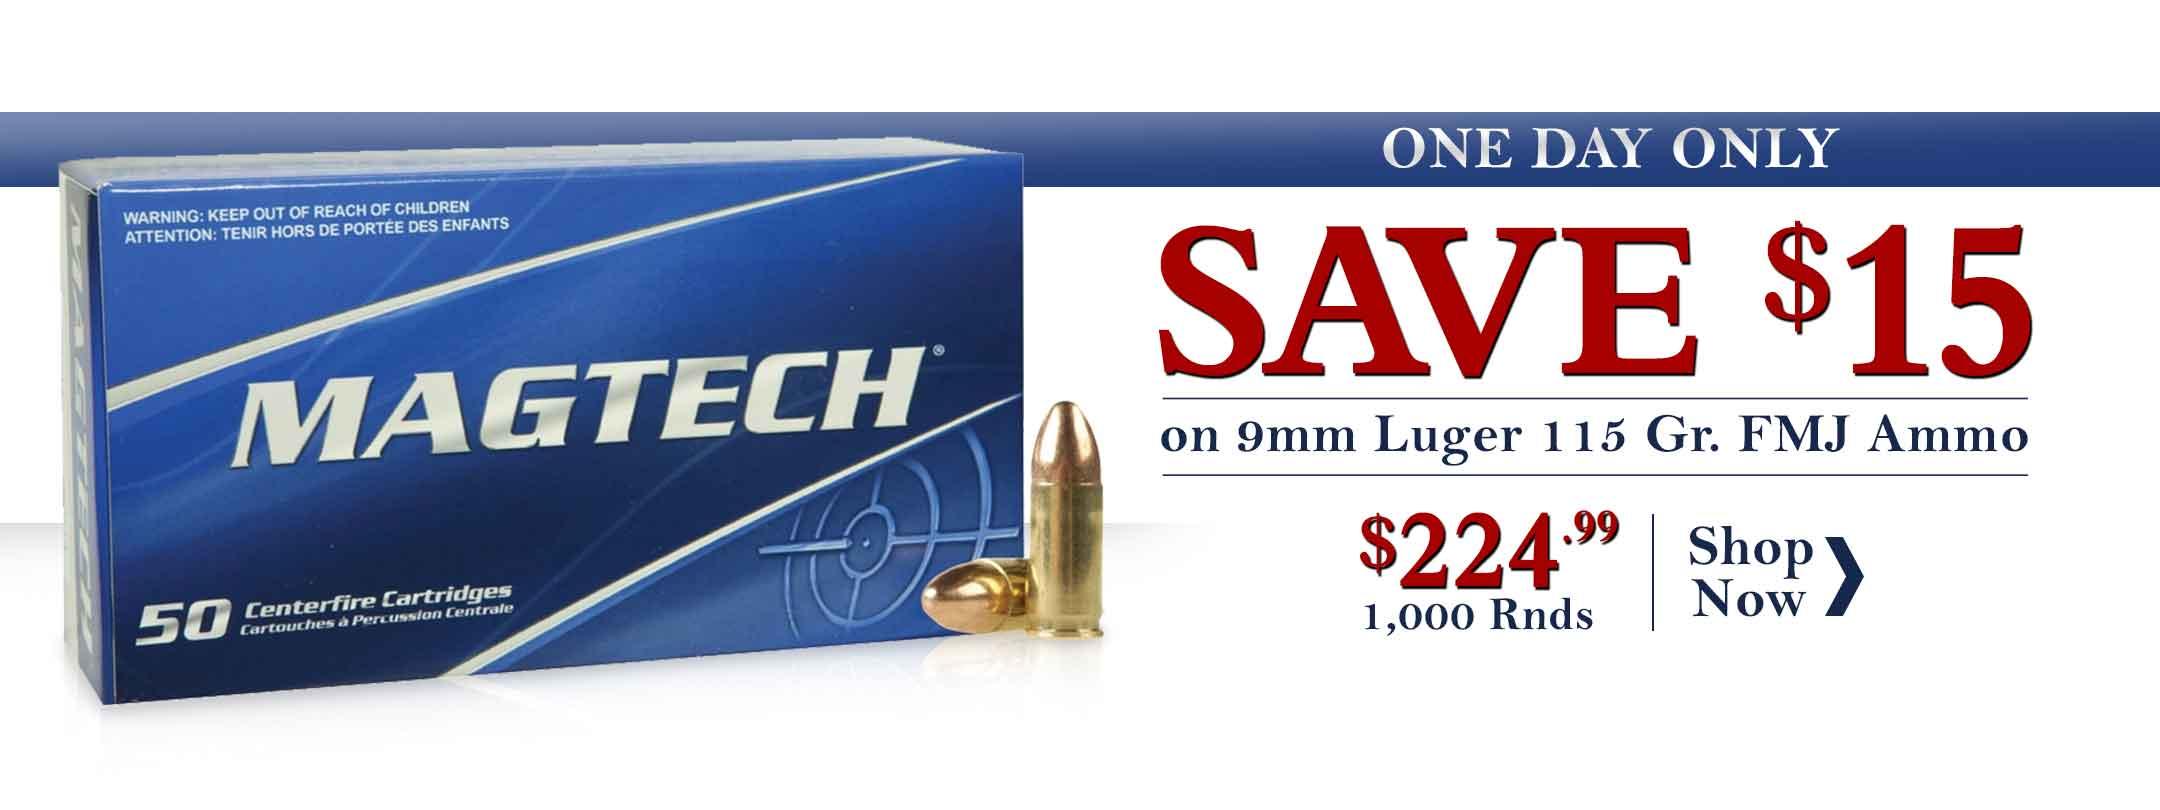 Magtech 9mm Luger 115 Gr FMJ Ammunition